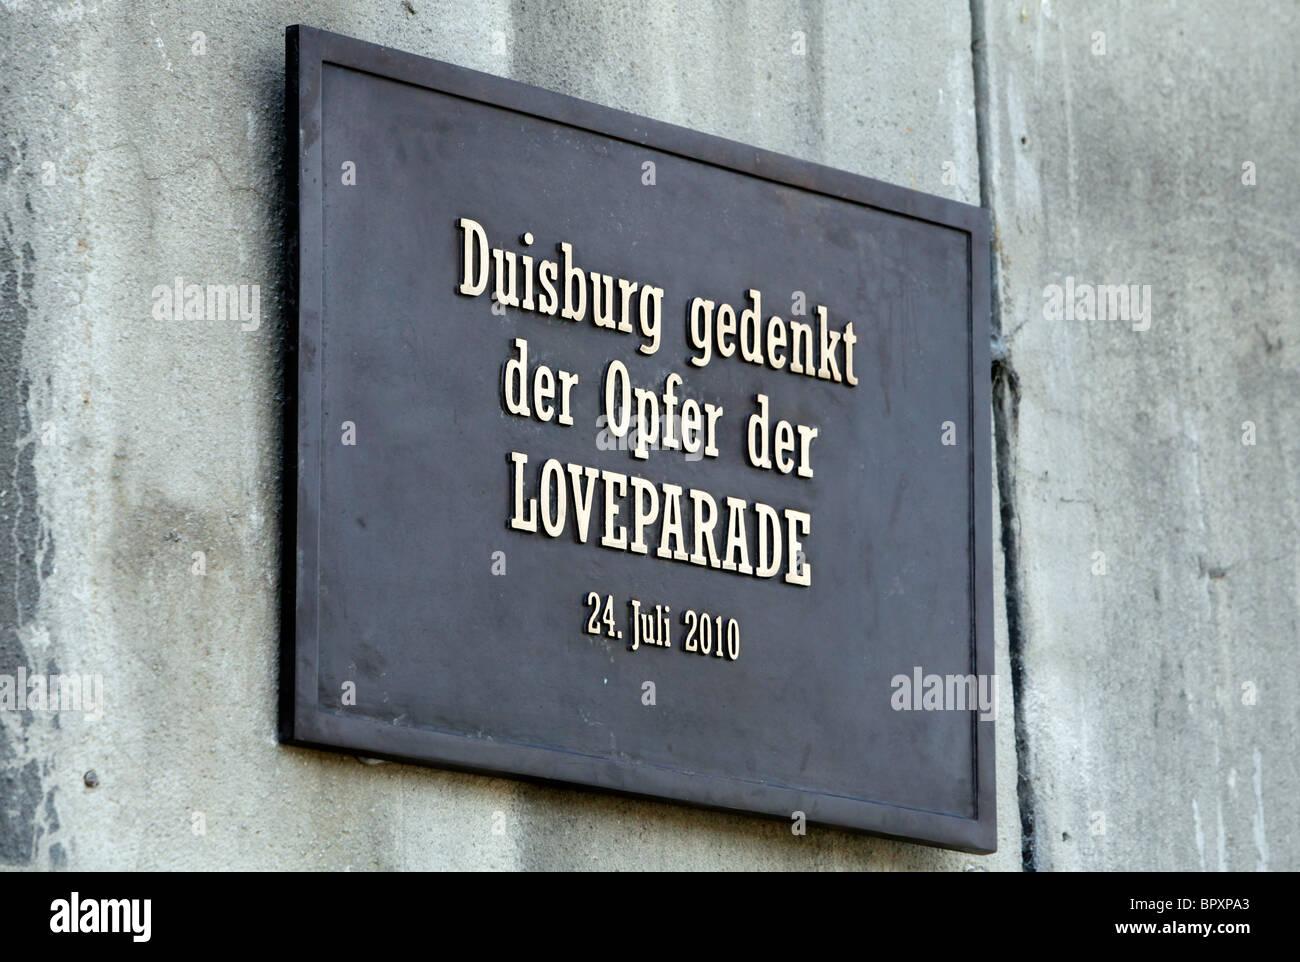 Duisburg, Deutschland, Loveparade 2010: Speicher-Platte, wo eine Tragödie passiert wenn am 24. Juli 2010 21, Stockbild